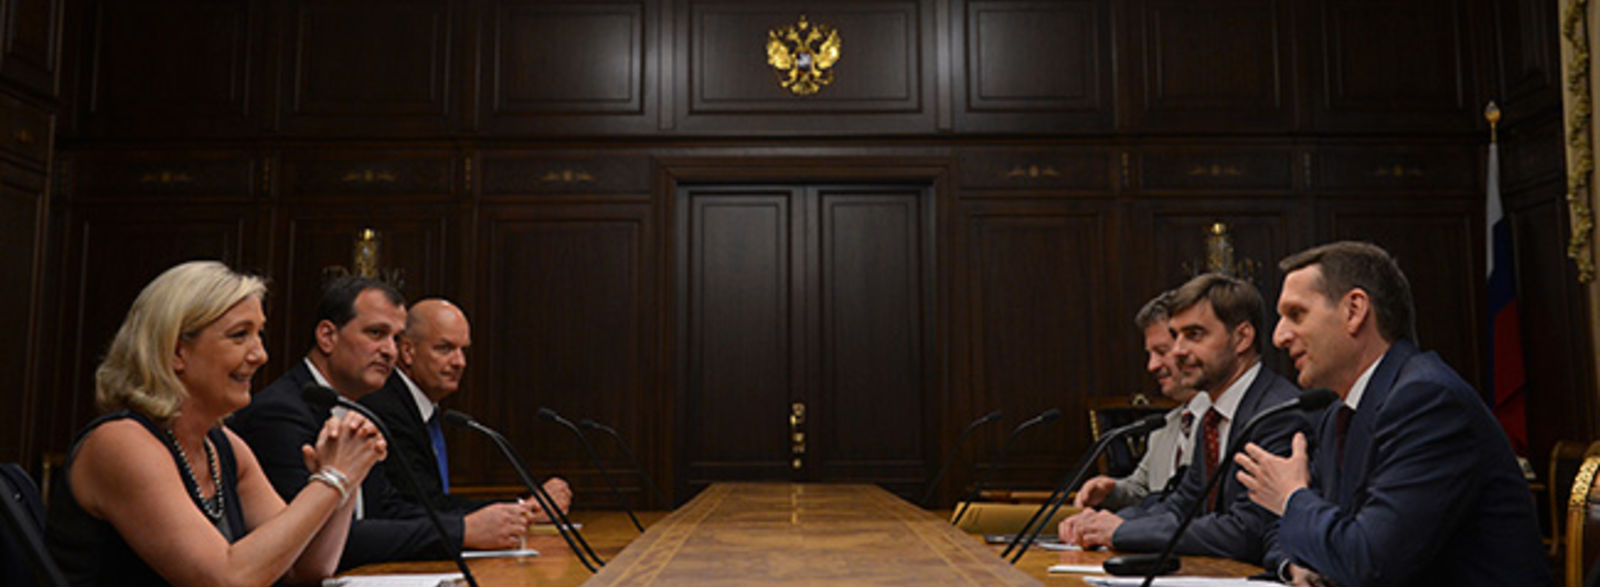 Marine Le Pen à Moscou. C'est qui maintenant les « moscoutaires » ?